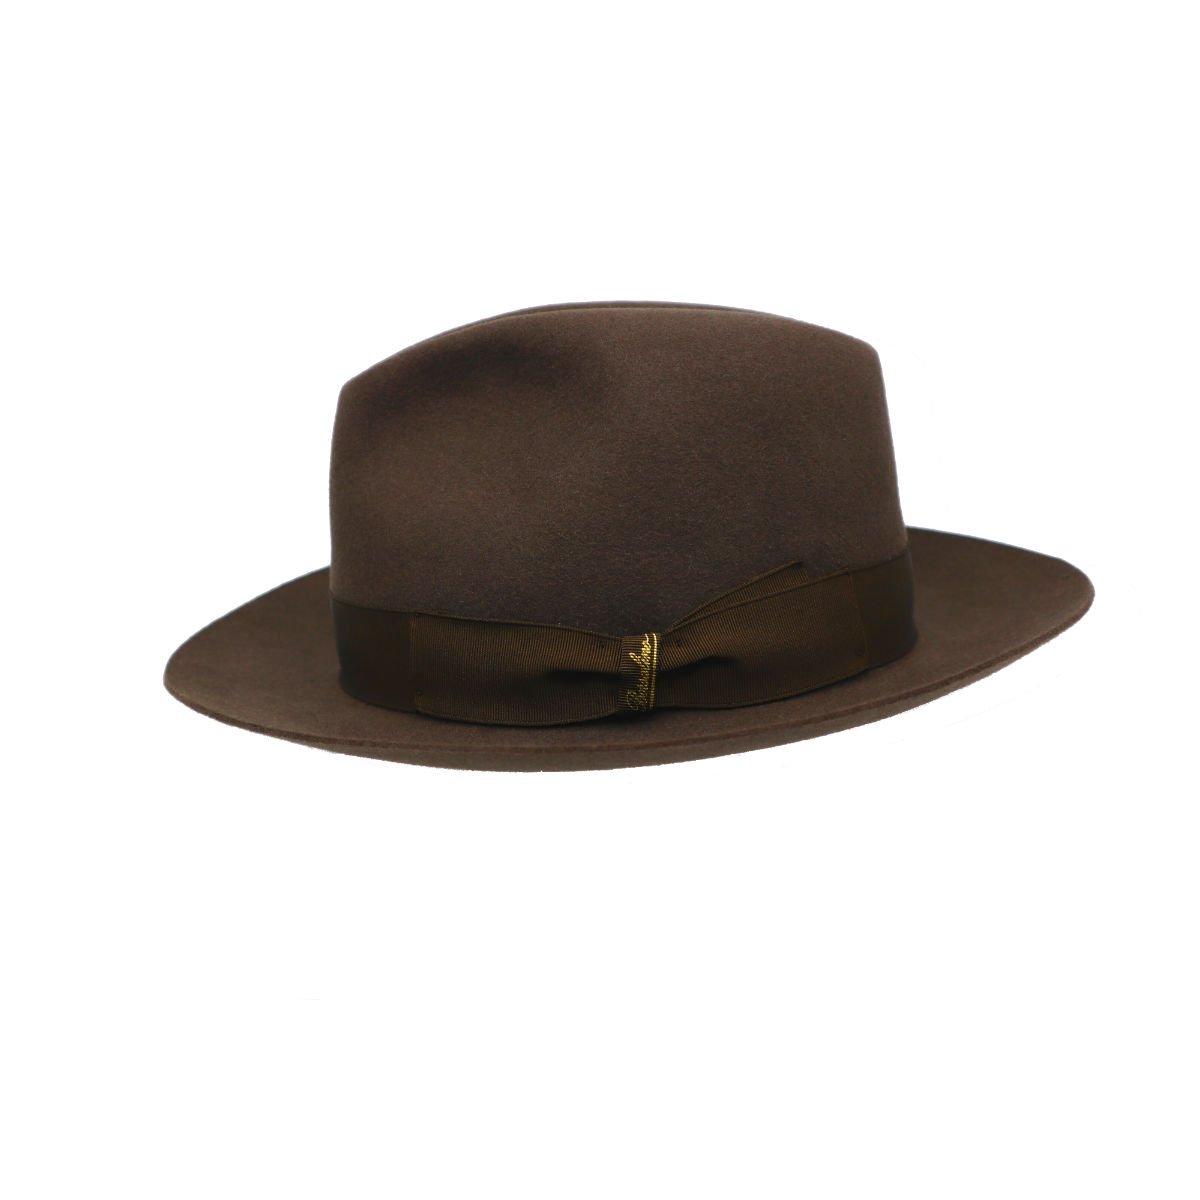 hoed in haarvilt van Borsalino